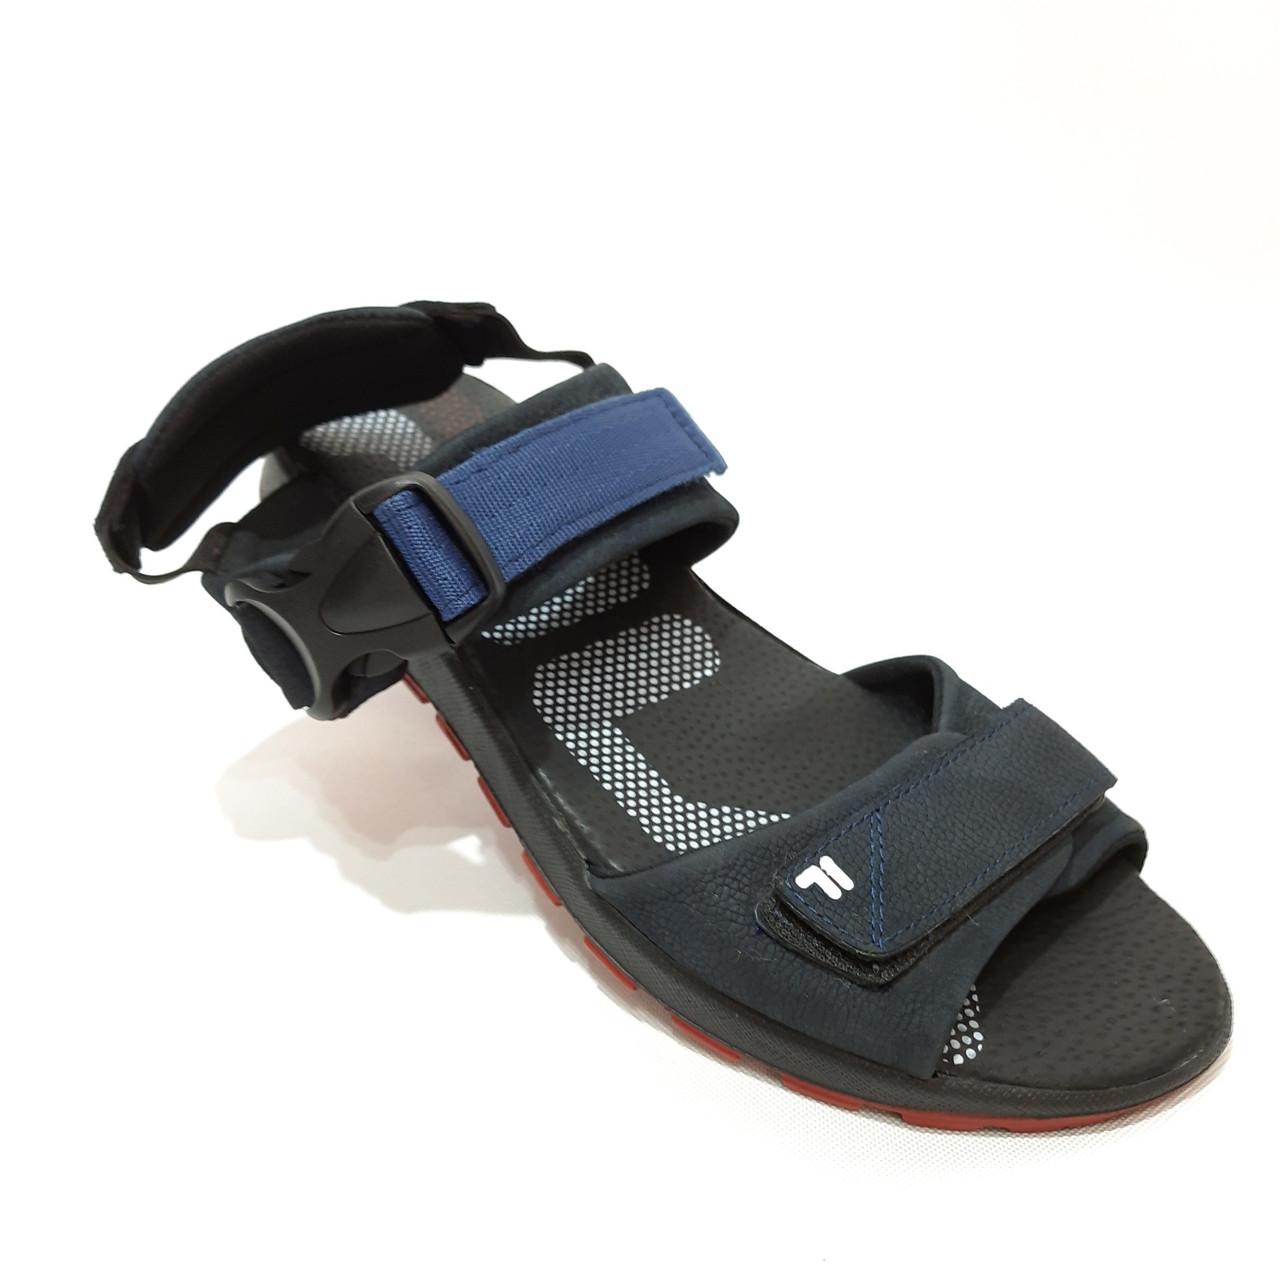 42,44 р  Мужские кожаные сандалии с кожаной стелькой